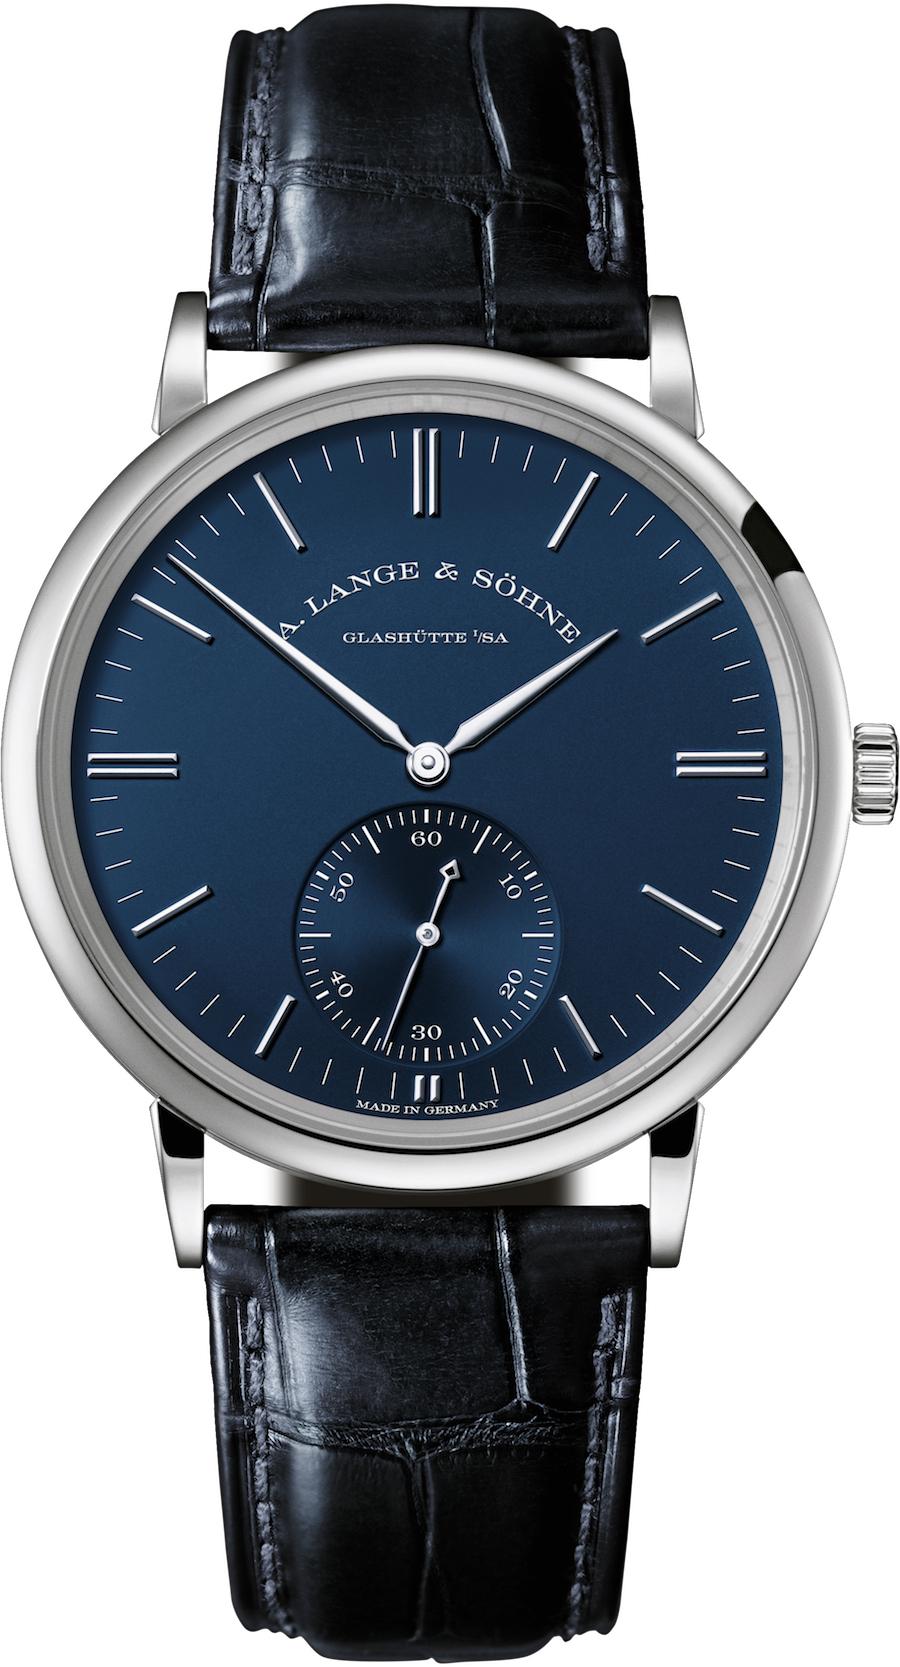 Die A. Lange & Söhne Saxonia Automatik mit blauem Zifferblatt mit 28,5 Millimeter im DurchmesserLange & Söhne Saxonia-Automatik mit blauem Zifferblatt mit 38,5 Millimeter im Durchmesser